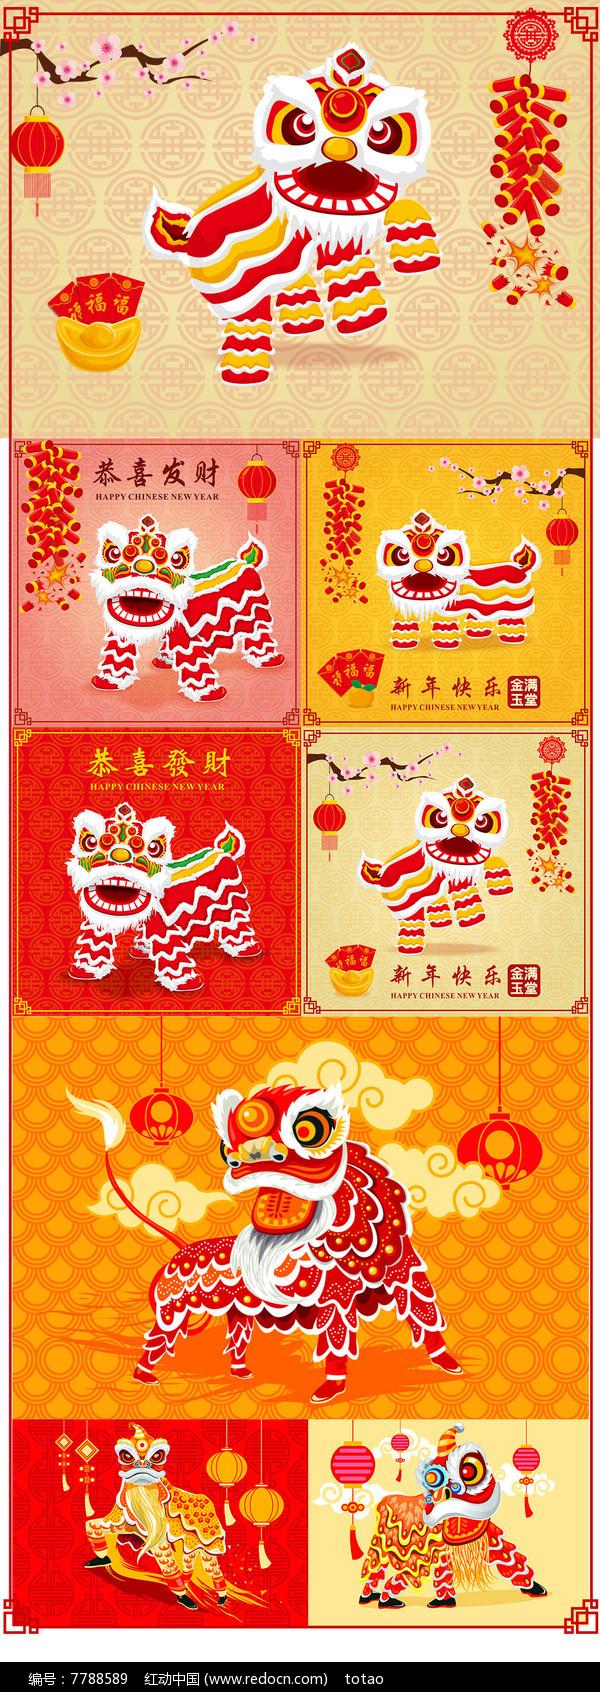 舞狮子贺新年喜庆设计元素图片